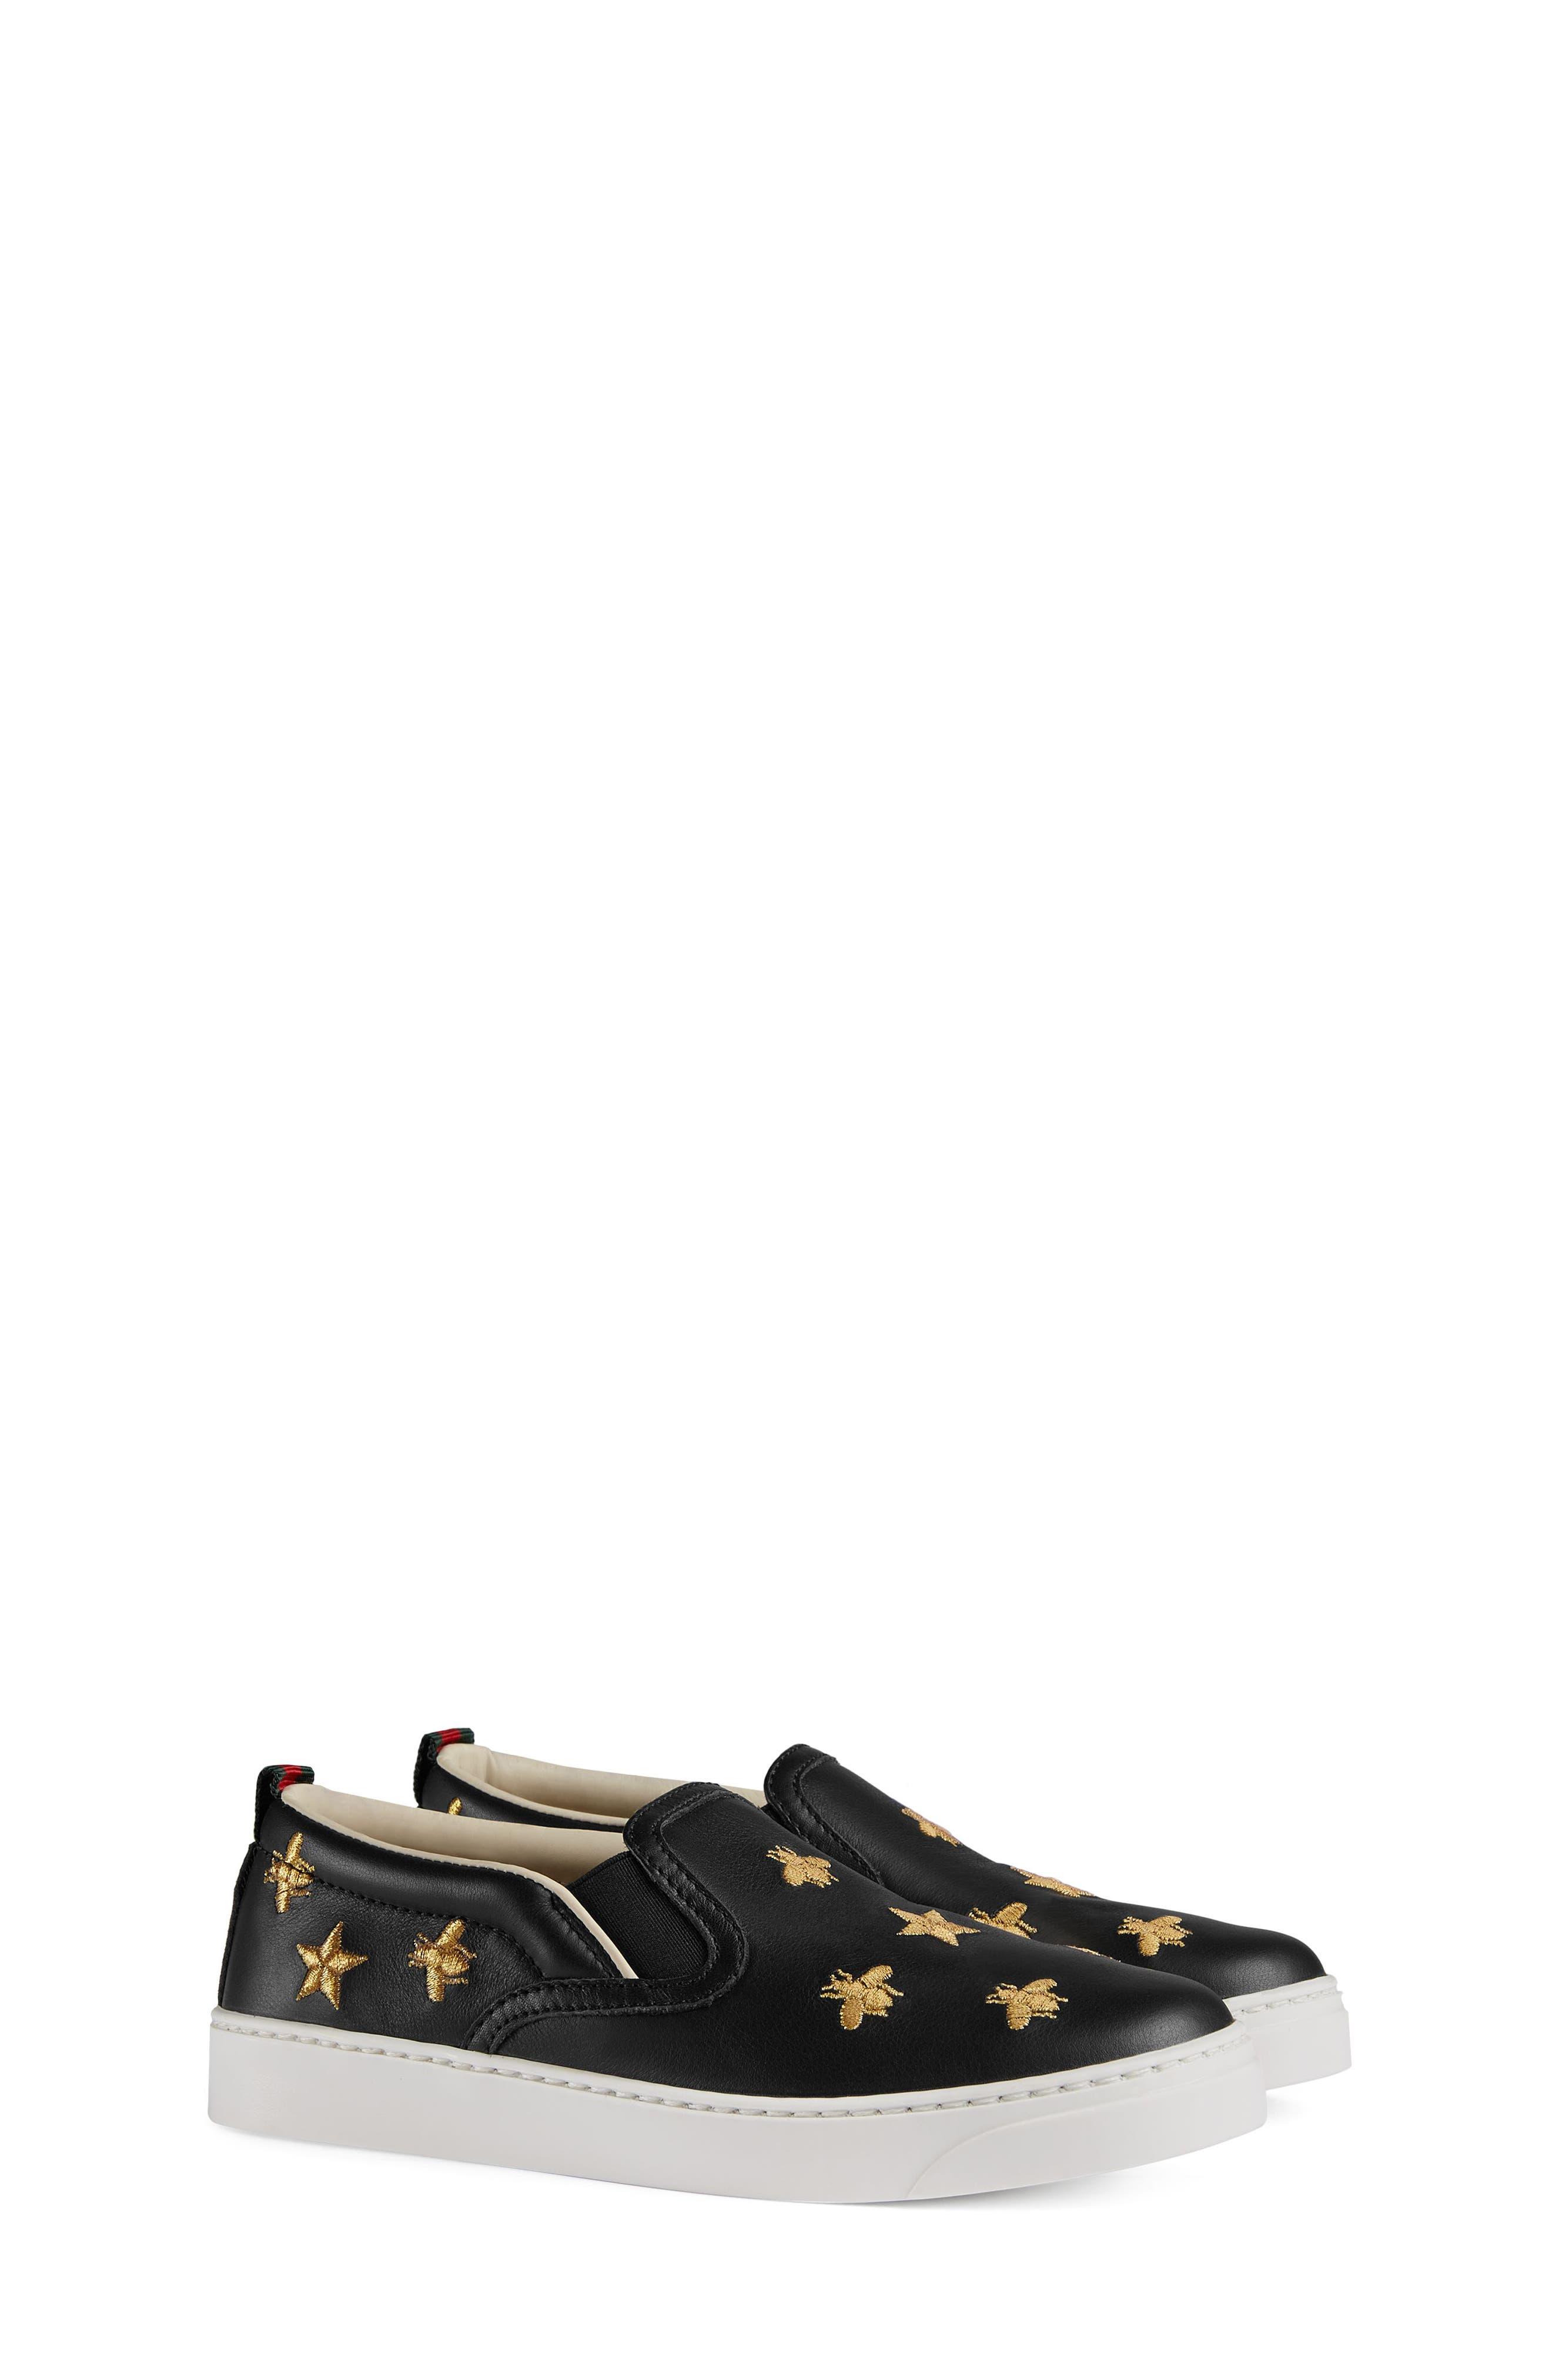 Dublin Bees and Stars Slip-On Sneaker,                             Main thumbnail 1, color,                             Black/Gold Stars